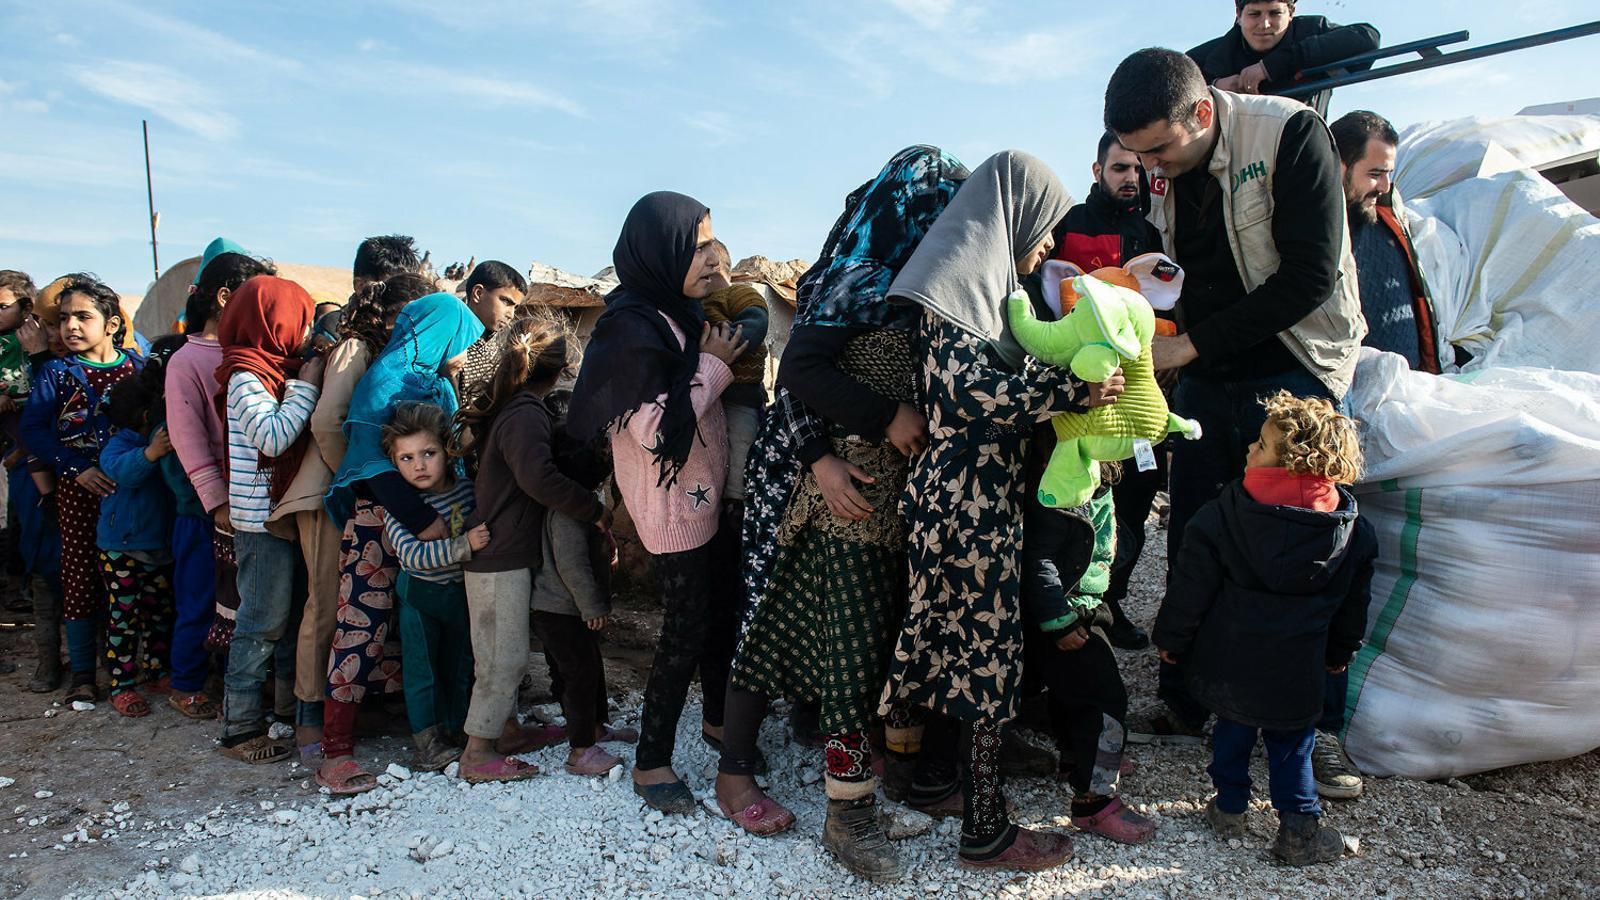 Nens i nenes desplaçats a Idlib fent cua per rebre ajuda humanitària.